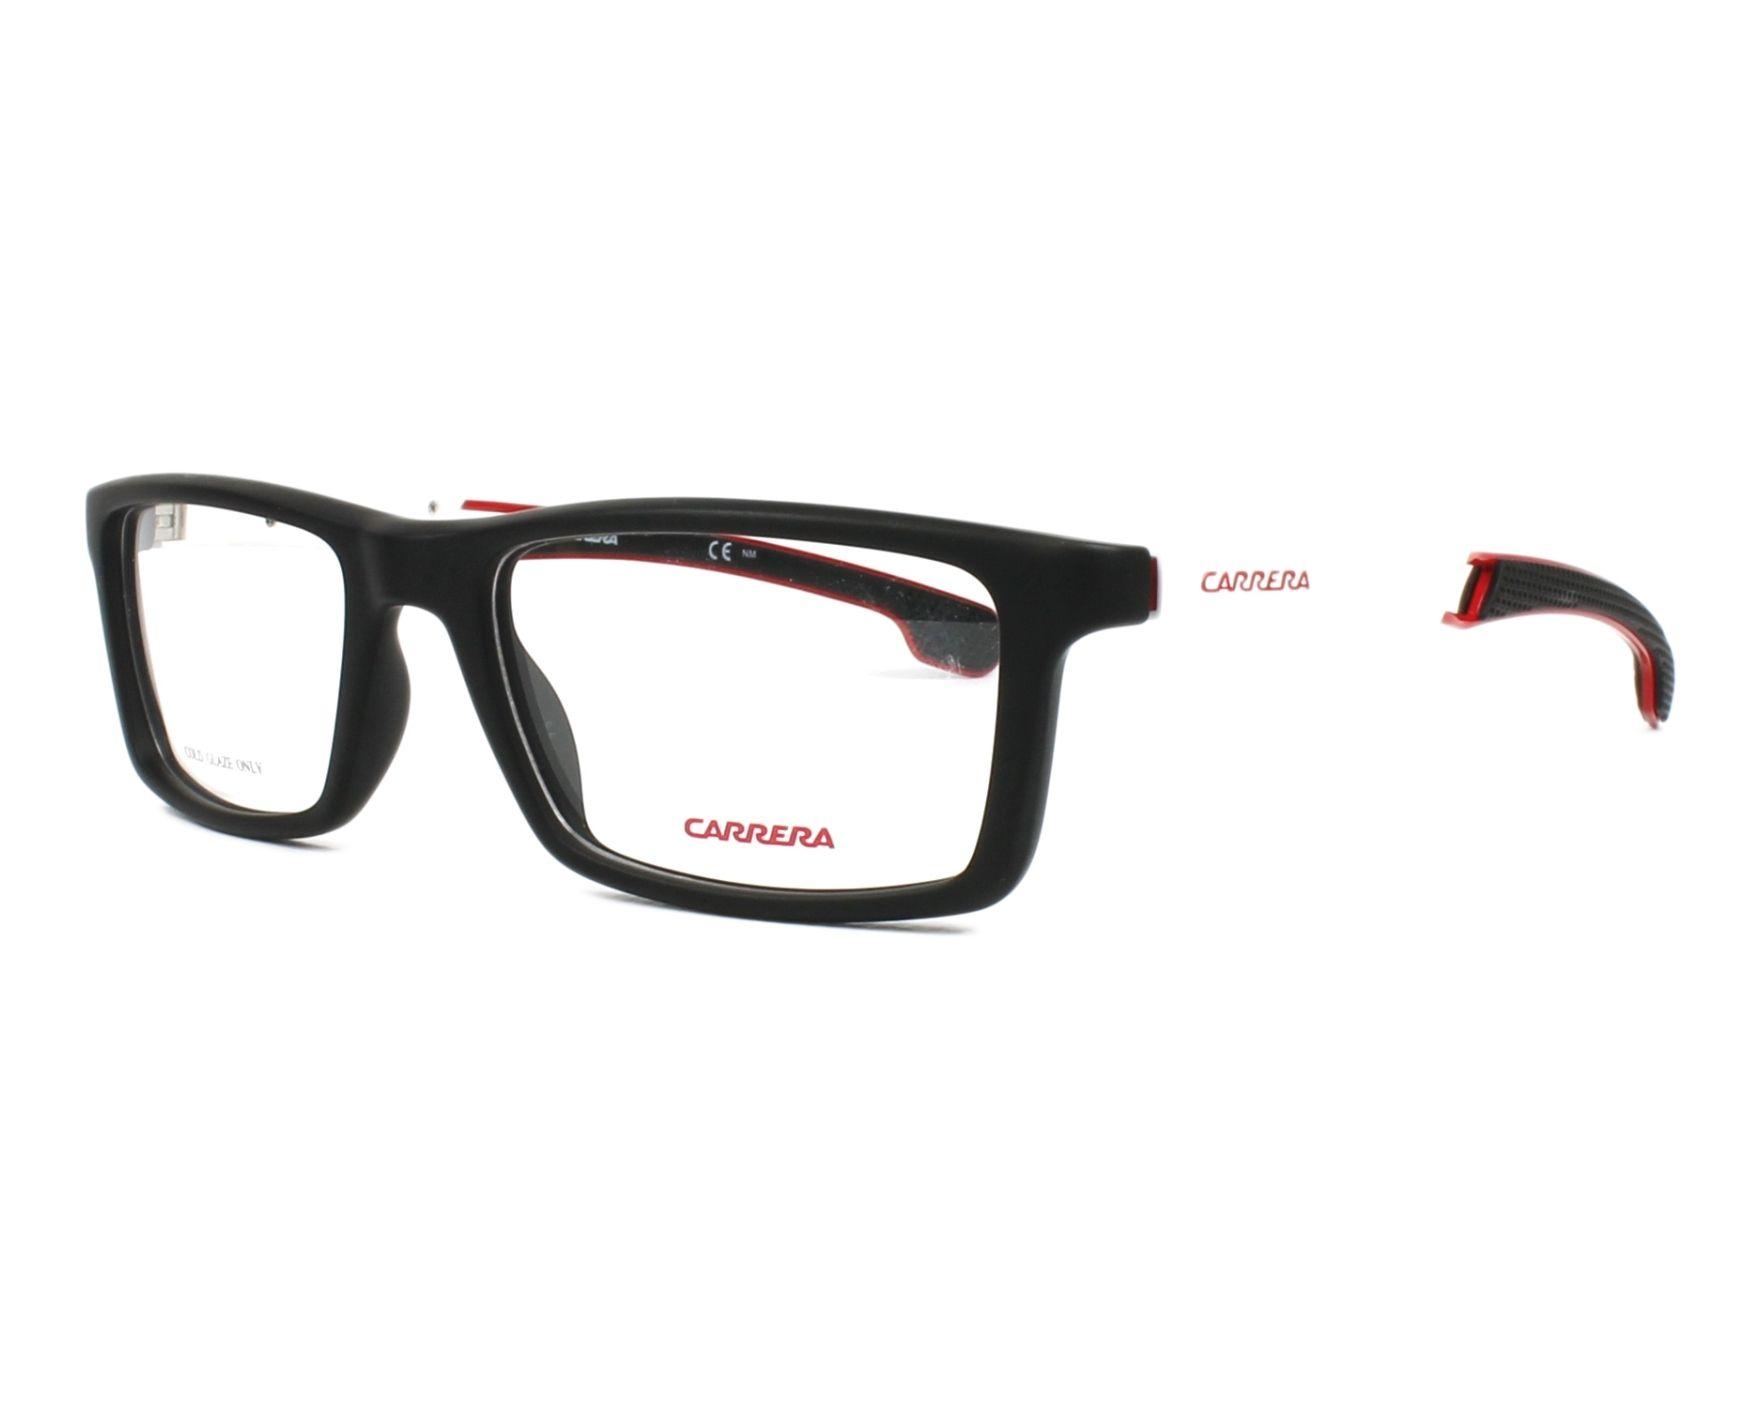 5bc0d39ff4 Gafas Graduadas Carrera 4406-V 003 53-18 Negra Blanco vista de perfil